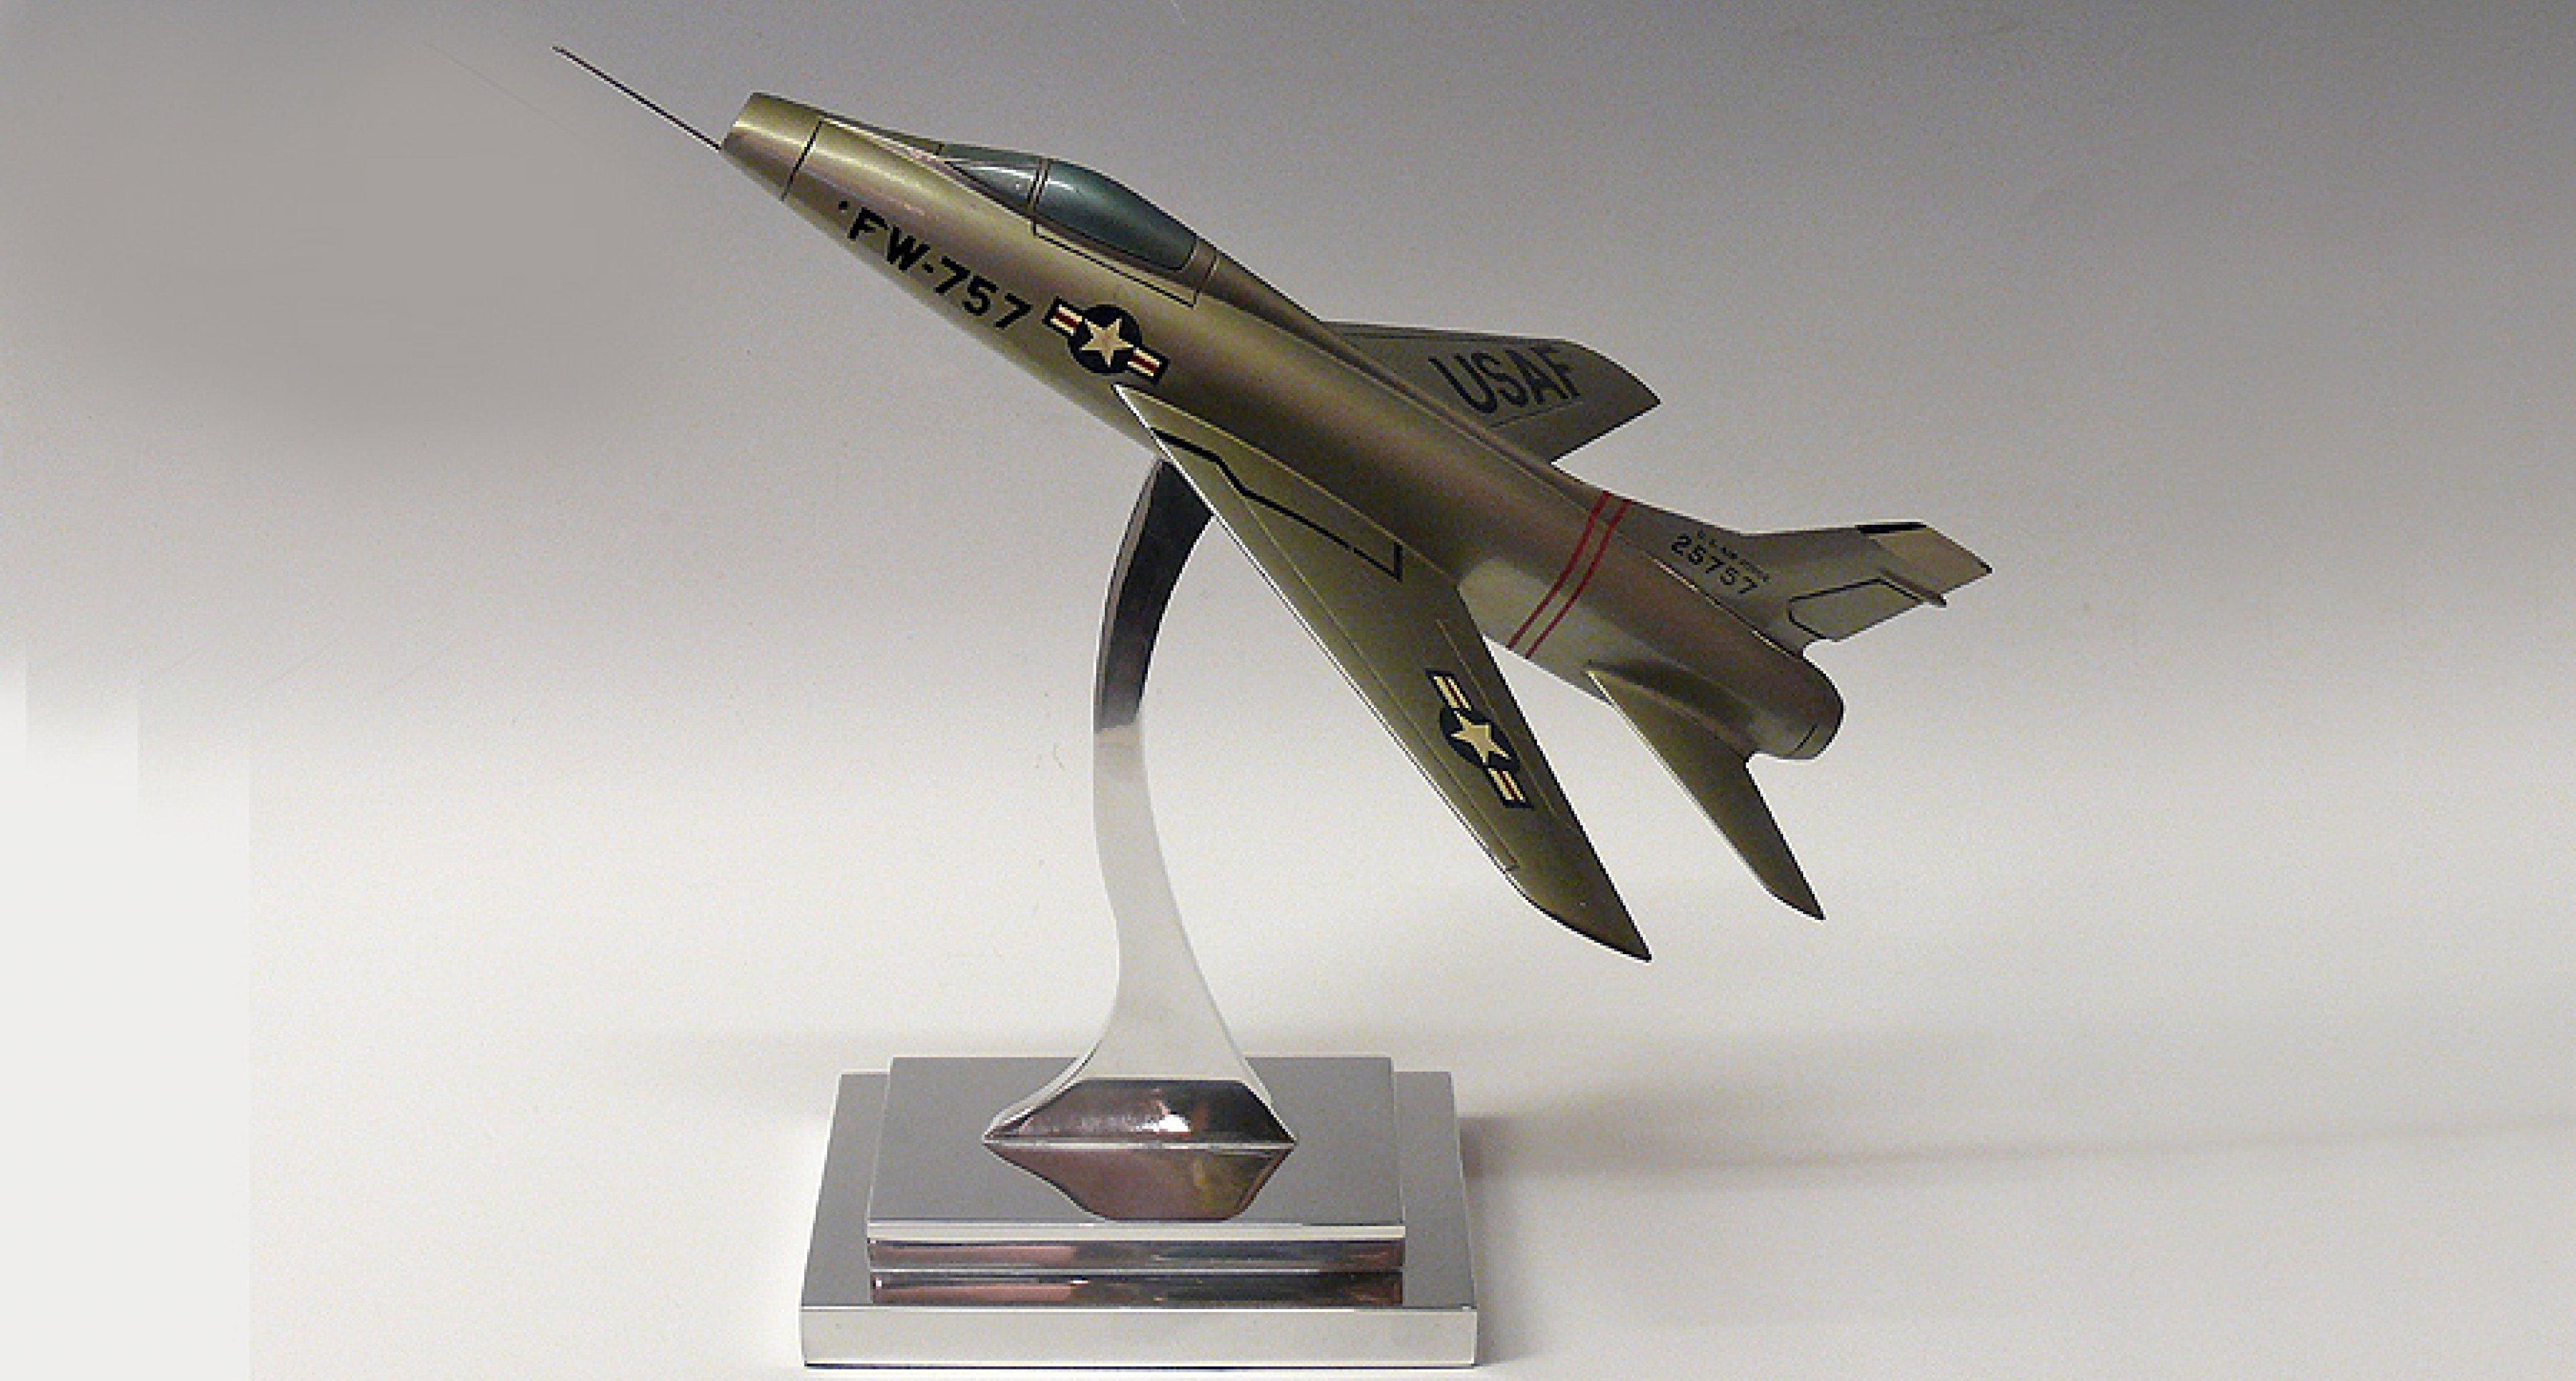 Classic Life Selected: F-100 Super Sabre model